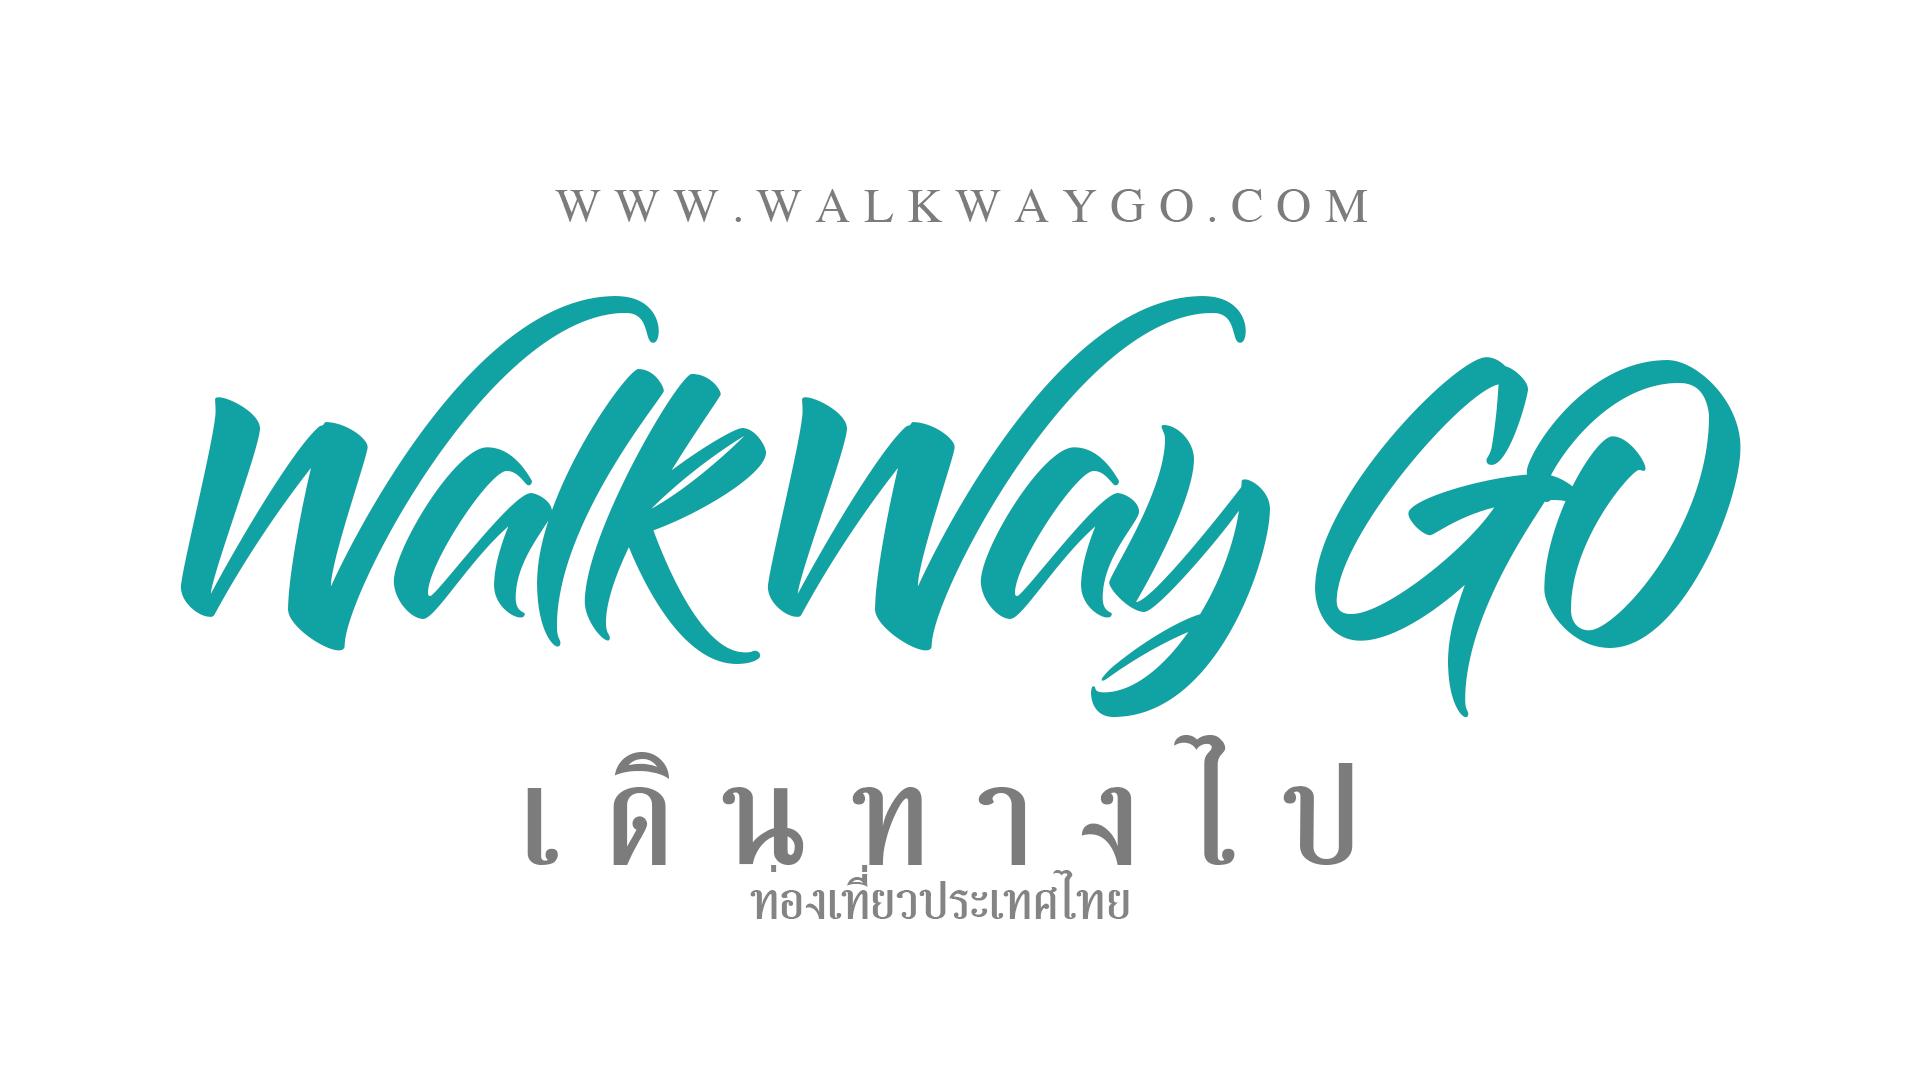 เดินทางไป   Walk Way Go